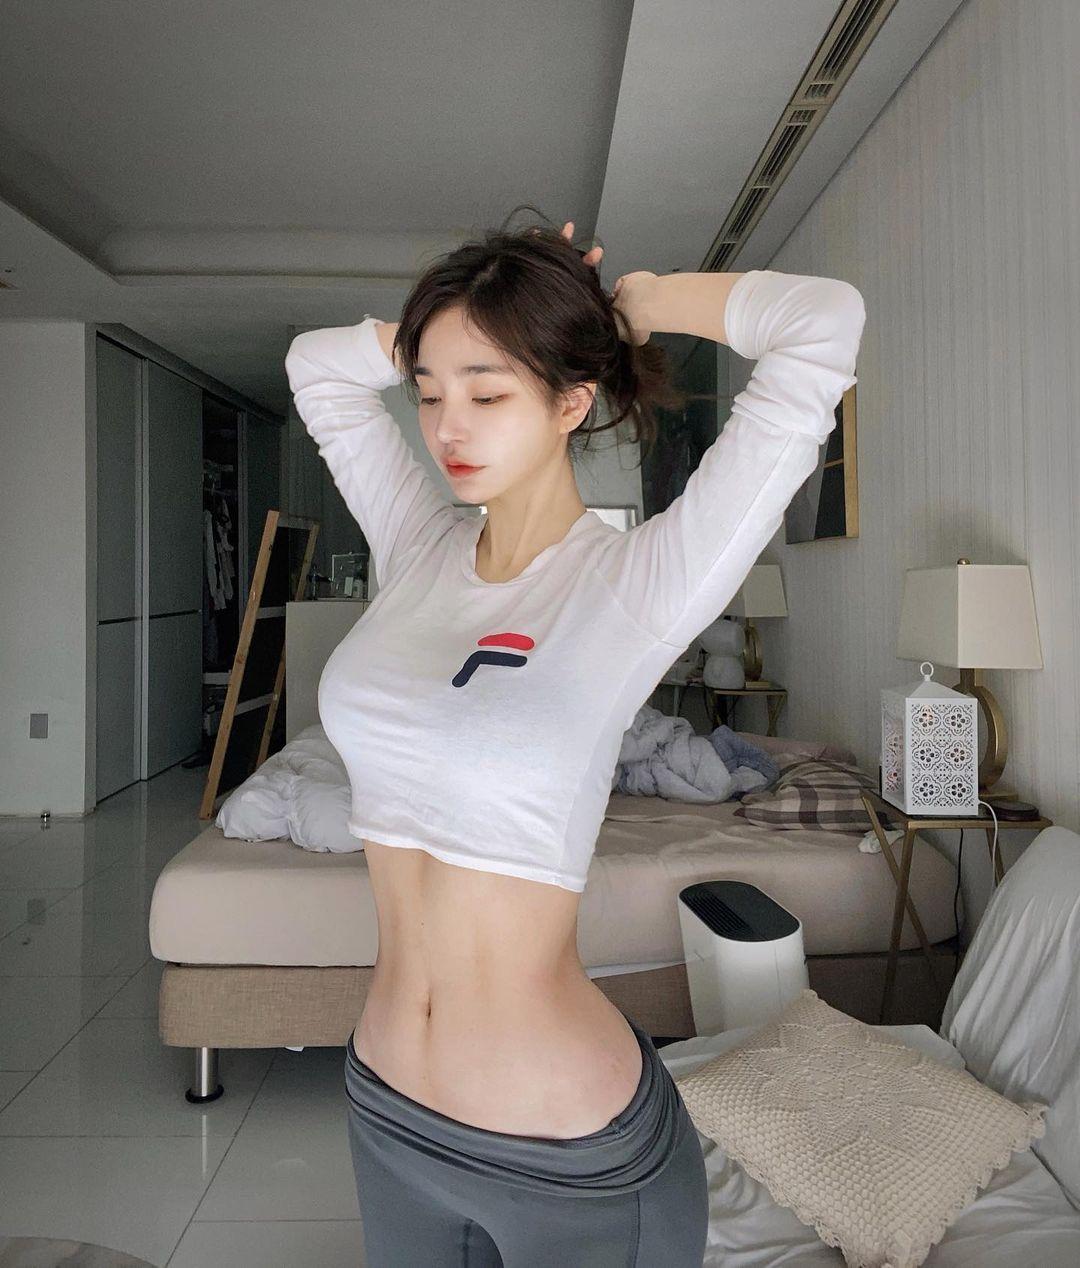 韩国美女板娘Dodo 把普通衣服穿出凹凸曲线IG 大晒湿身辣照 养眼图片 第17张